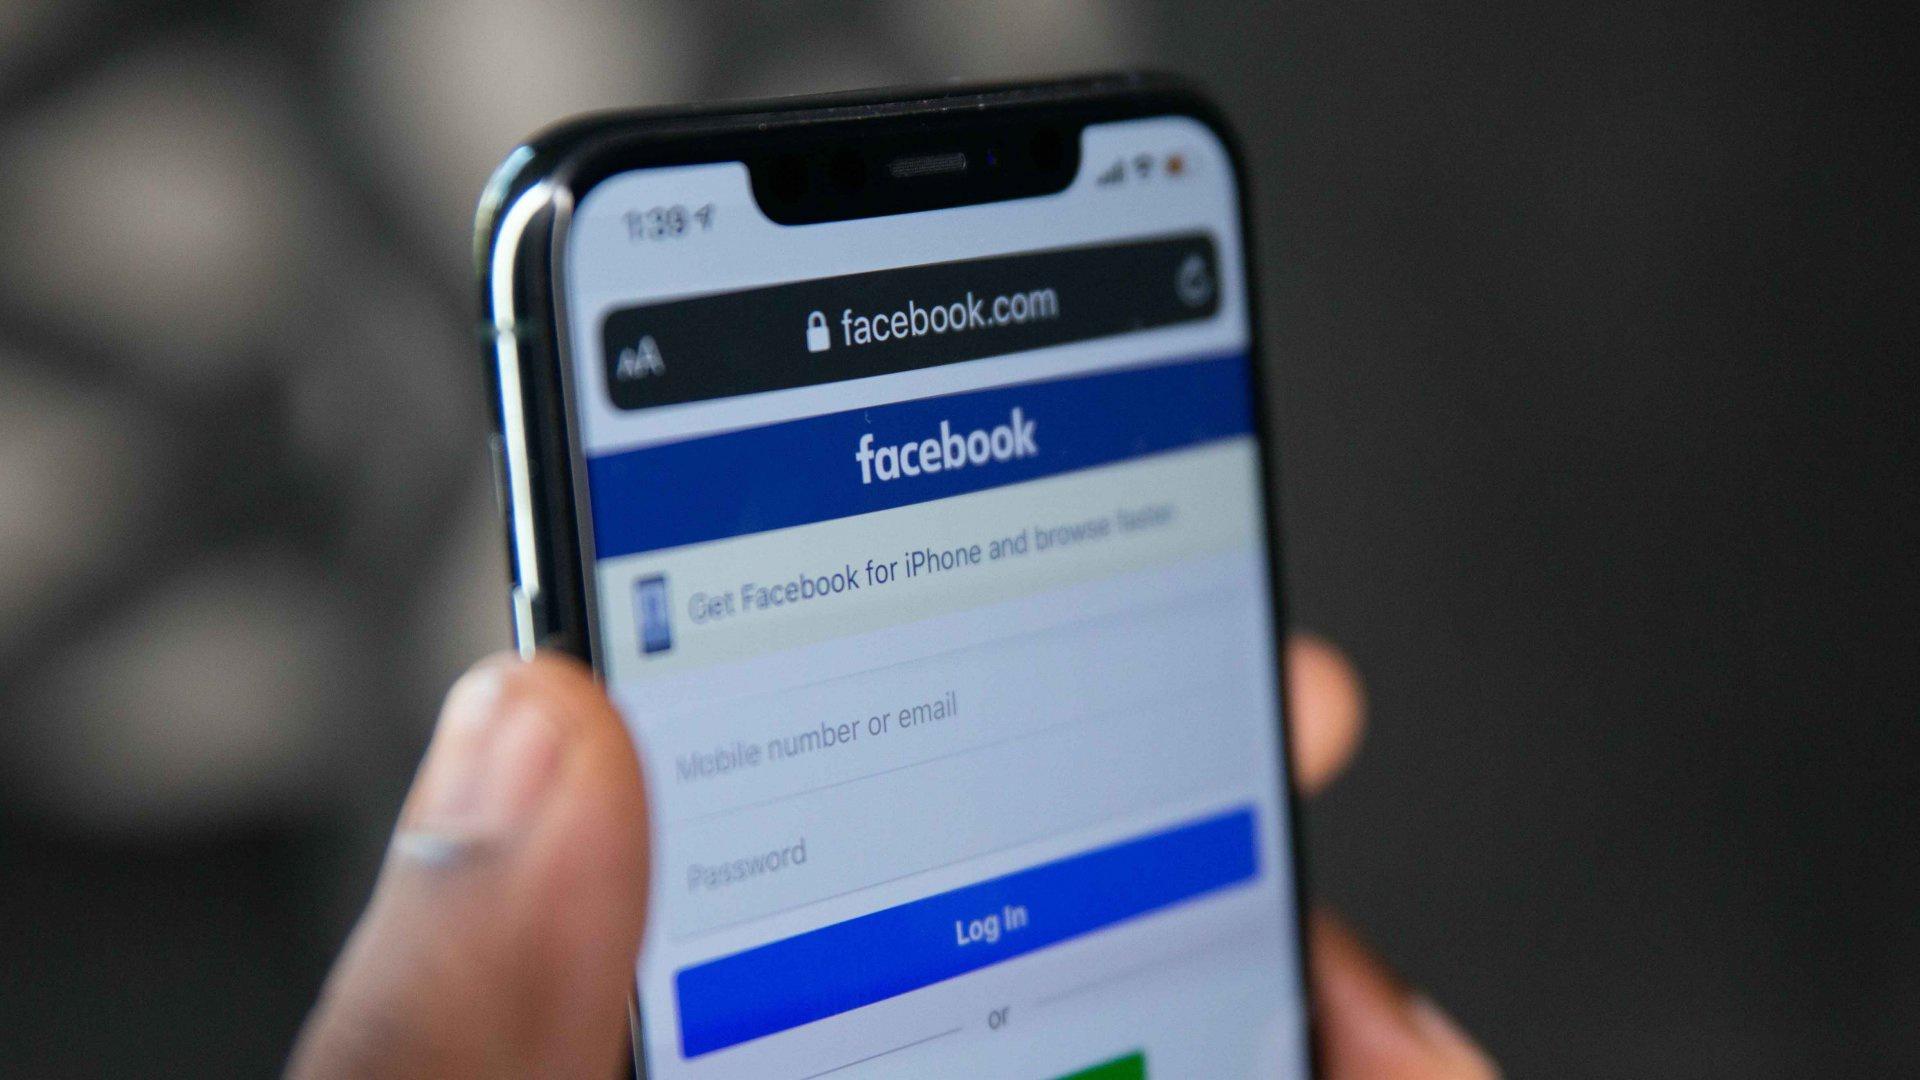 iOS 14.5 ngan Facebook theo doi nguoi dung anh 1